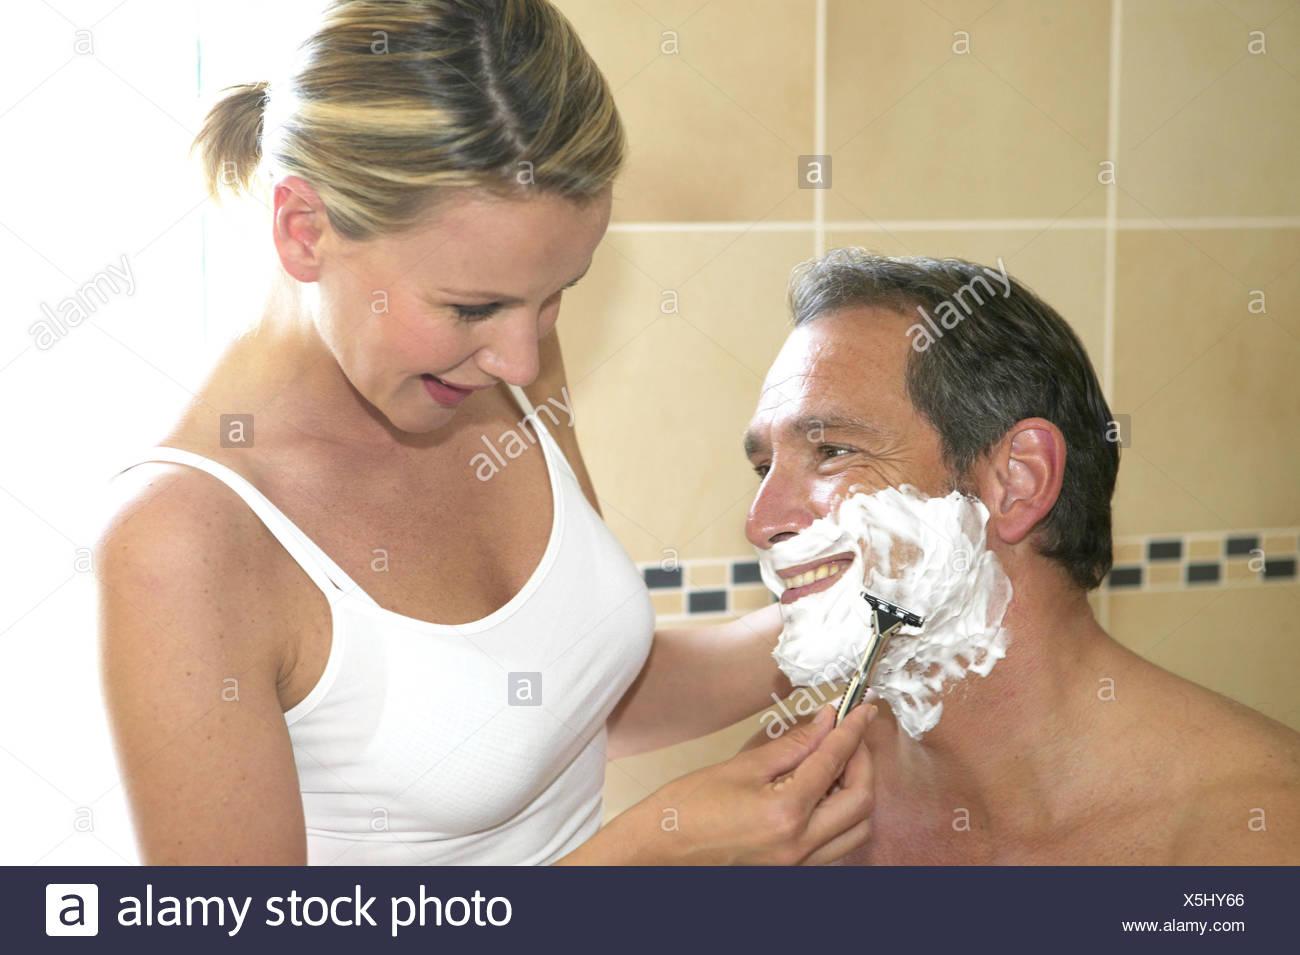 Bad Frau Mann Gesicht Schaum Paar Partnerschaft Beziehung Morgen Gemeinsam Pflege Gesichtspflege Rasur Nassrasur Rasieren Rasier - Stock Image